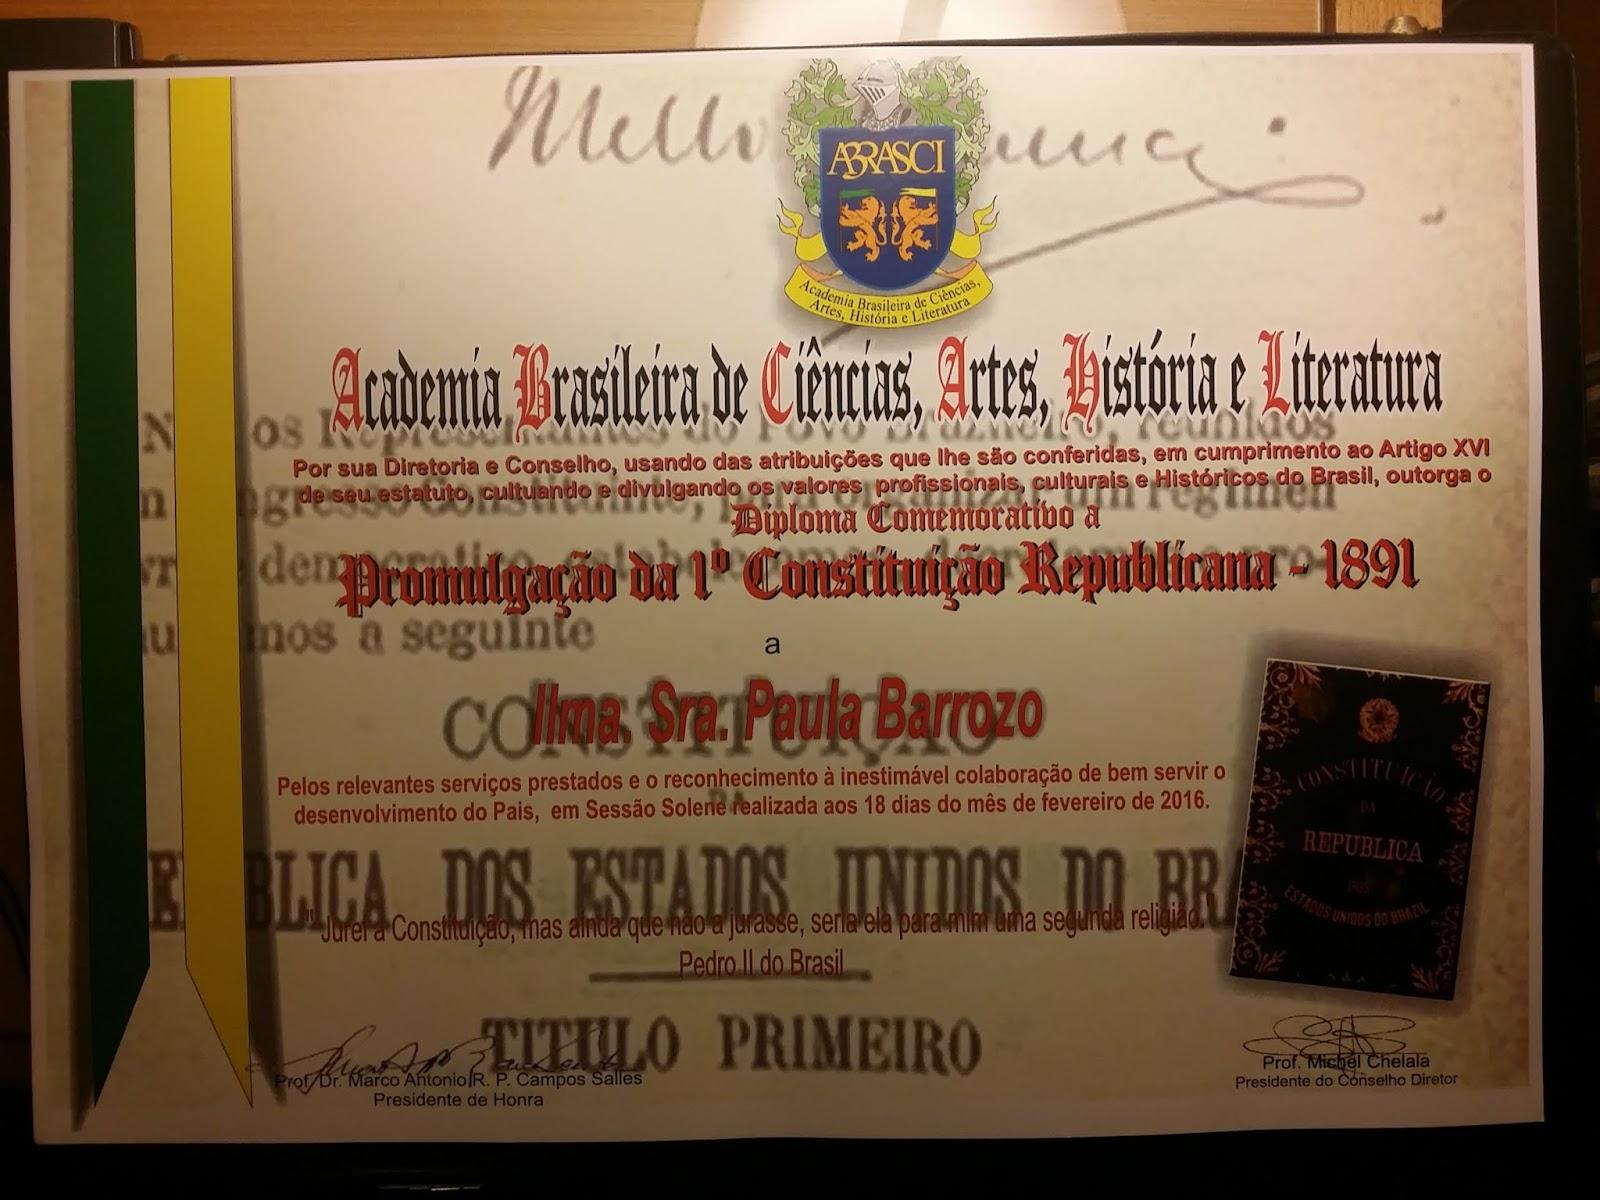 PAULA BARROZO - ABRASCI -  Diploma Comemorativo a Promulgação da 1ª Constituição Republicana em 189